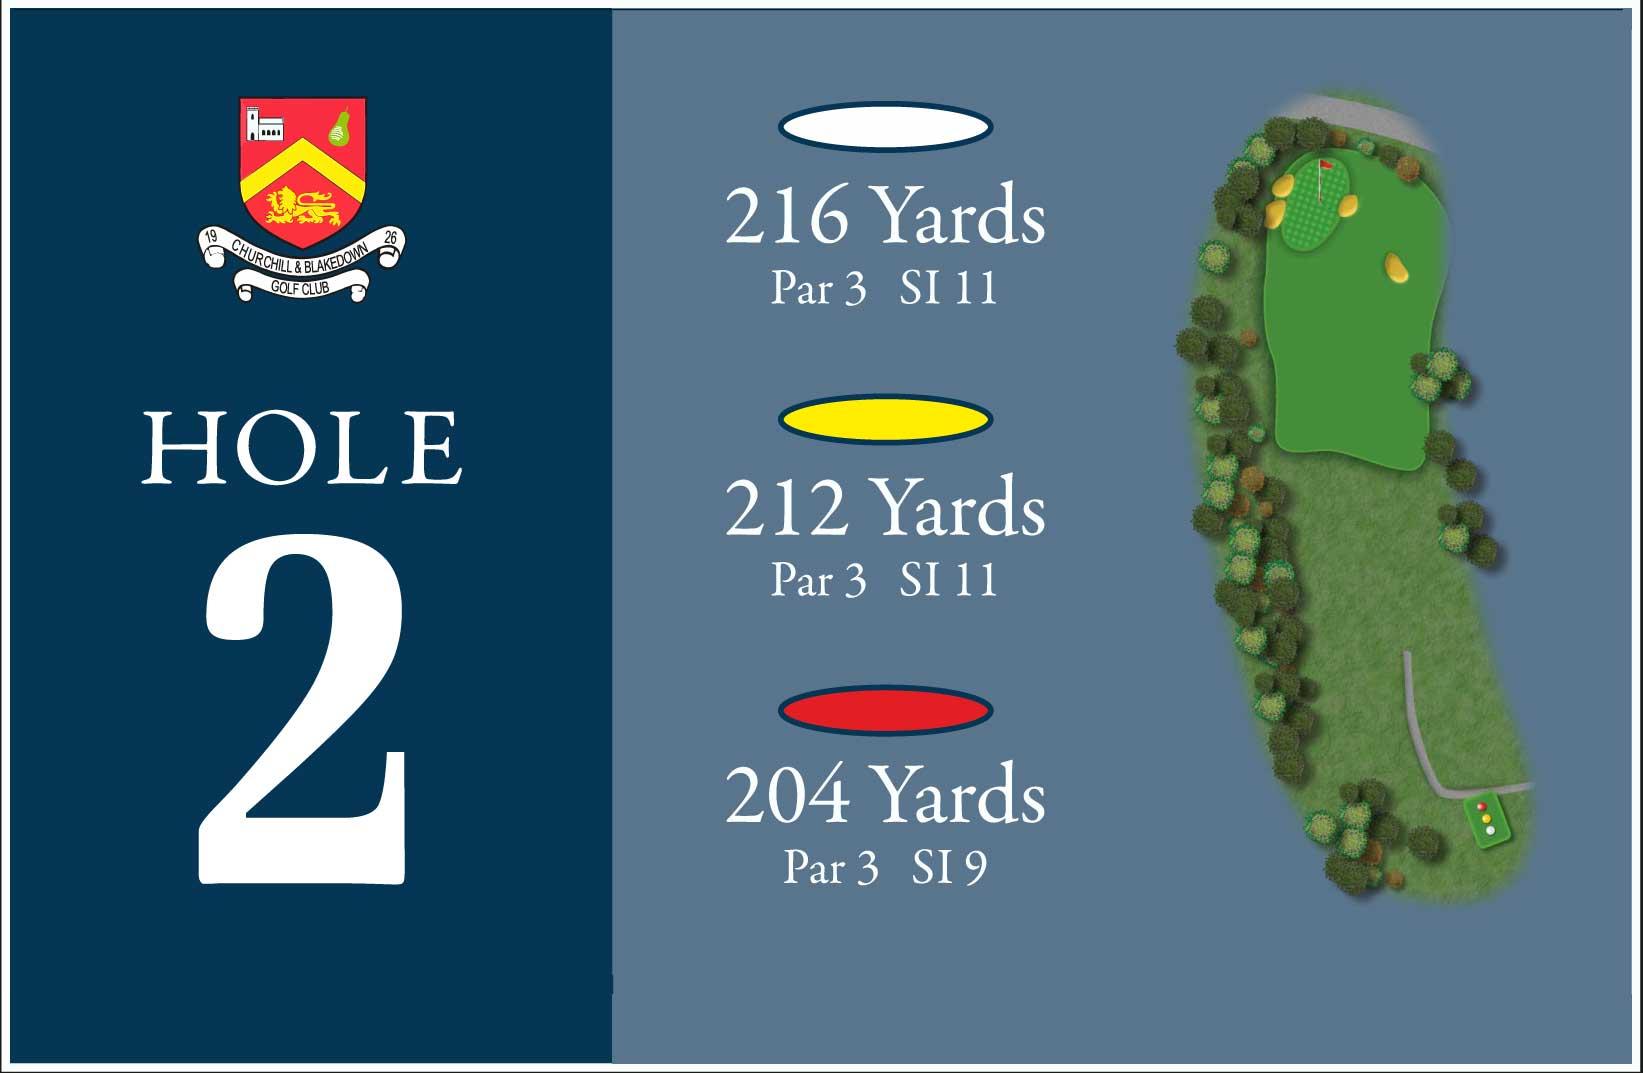 hole-2